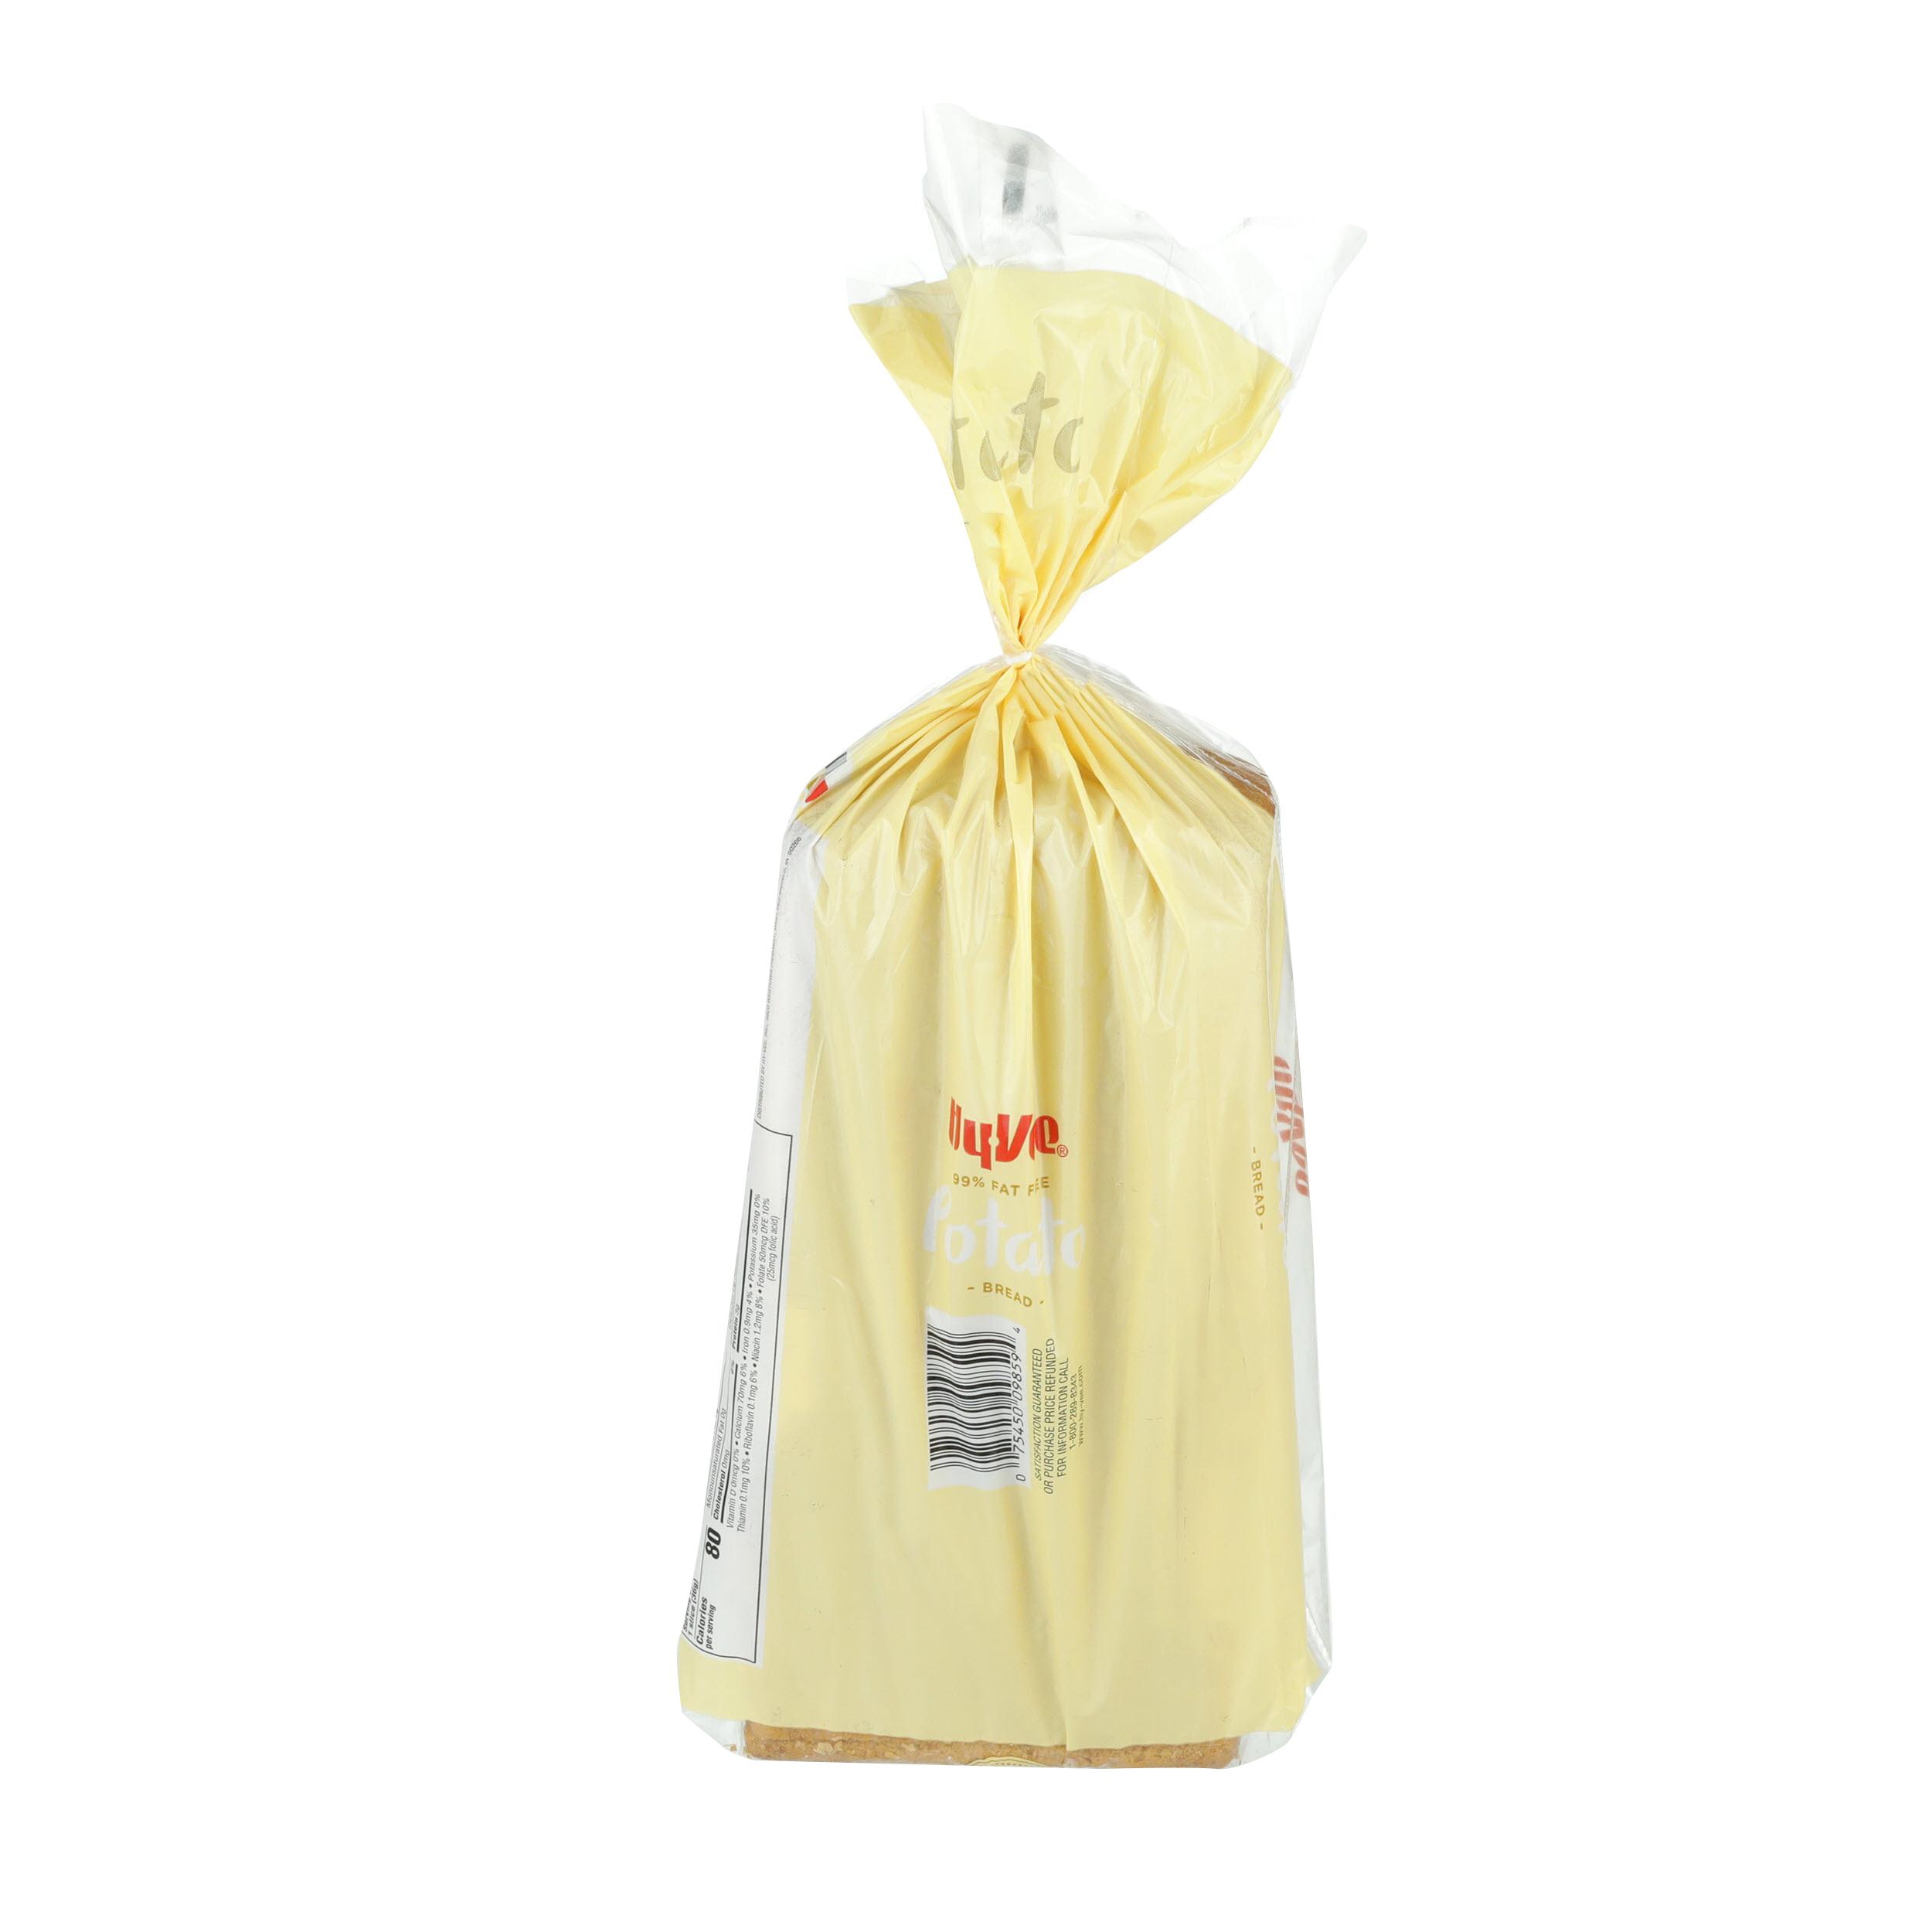 SmartLabel - 99% Fat Free Potato Bread